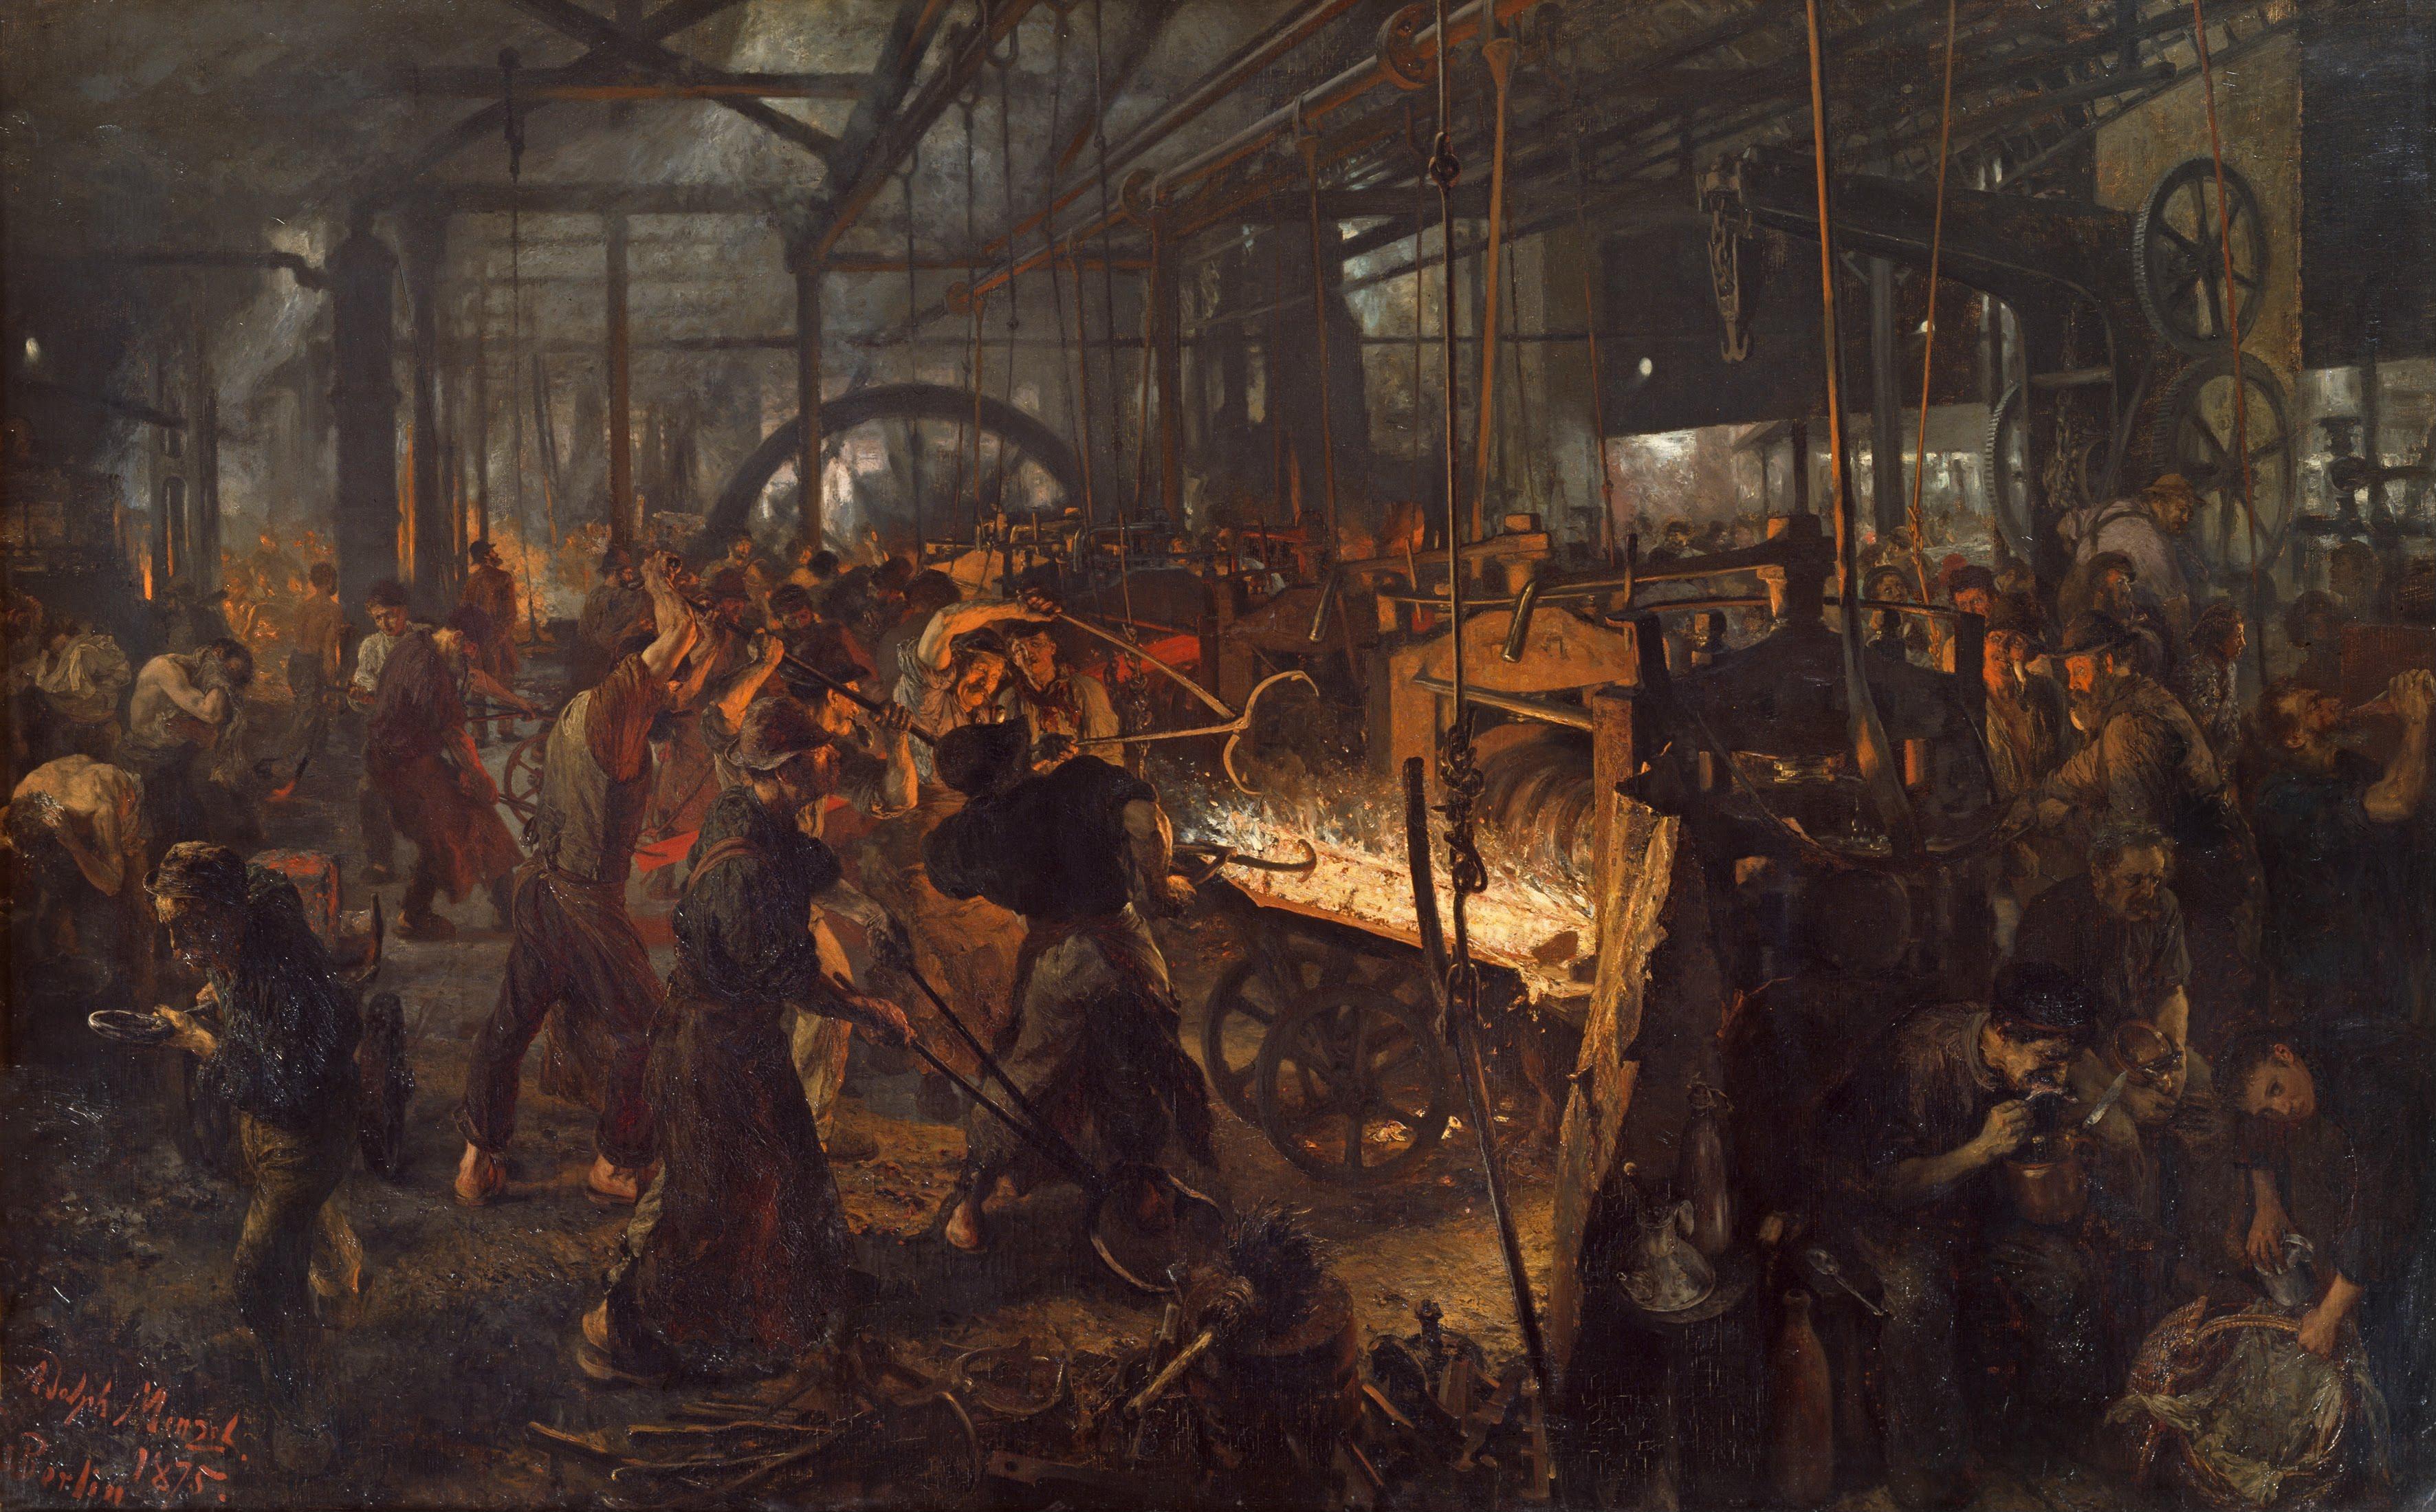 Ein Eisenwalzwerk in Deutschland während der Hochindustrialisierung, um 1875